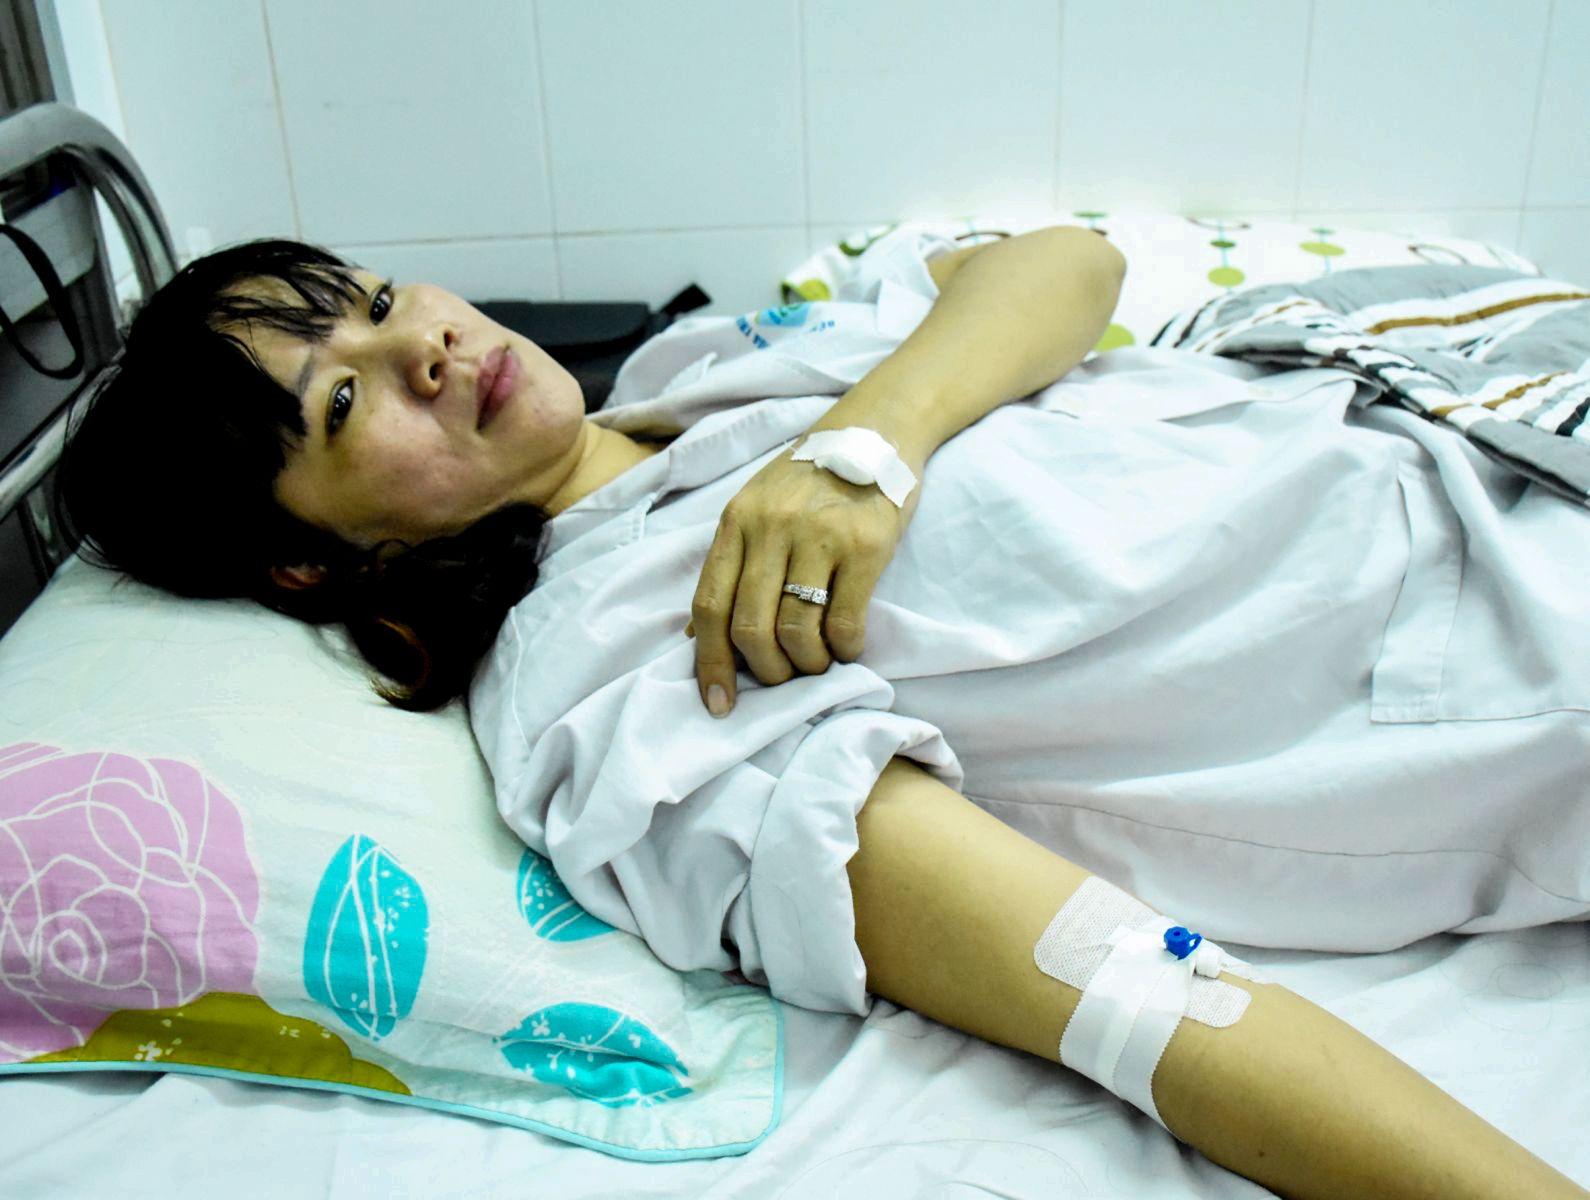 Bà Trần Thị Thúy Hồng bị chồng đánh chấn thương phải nhập viện. Ảnh: X.ĐÀO